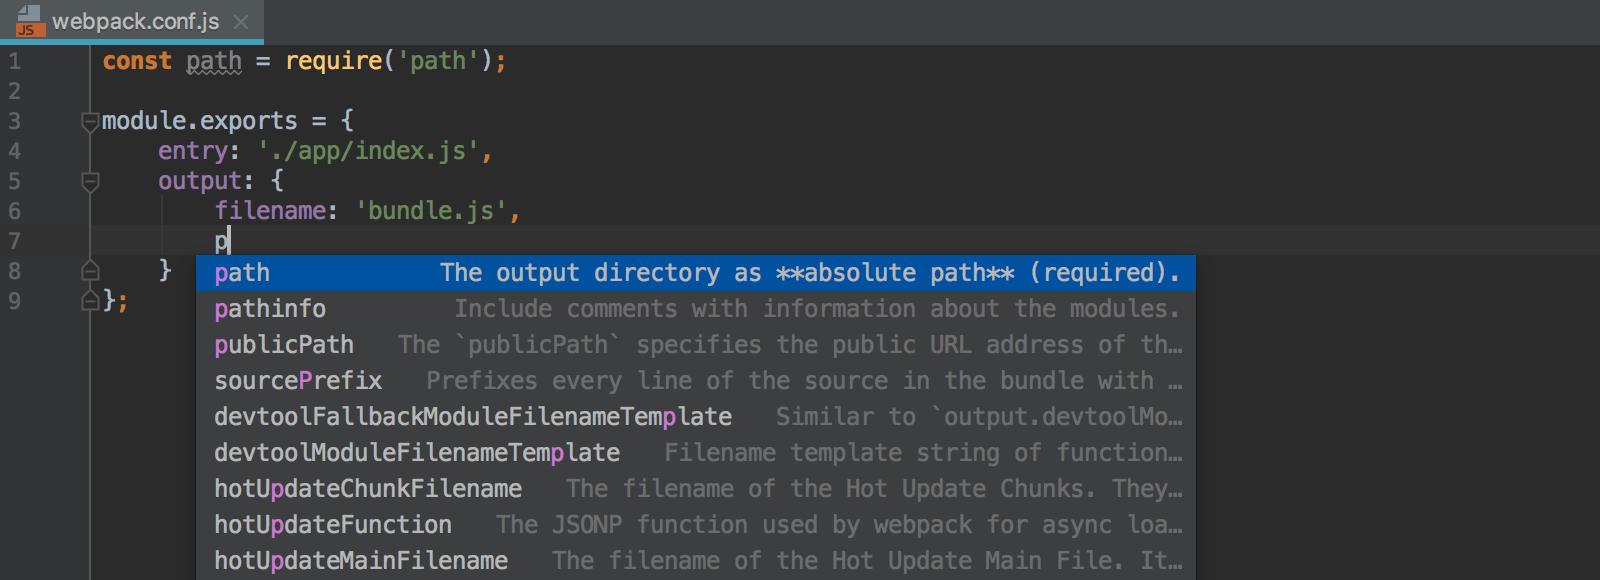 webpack-conf